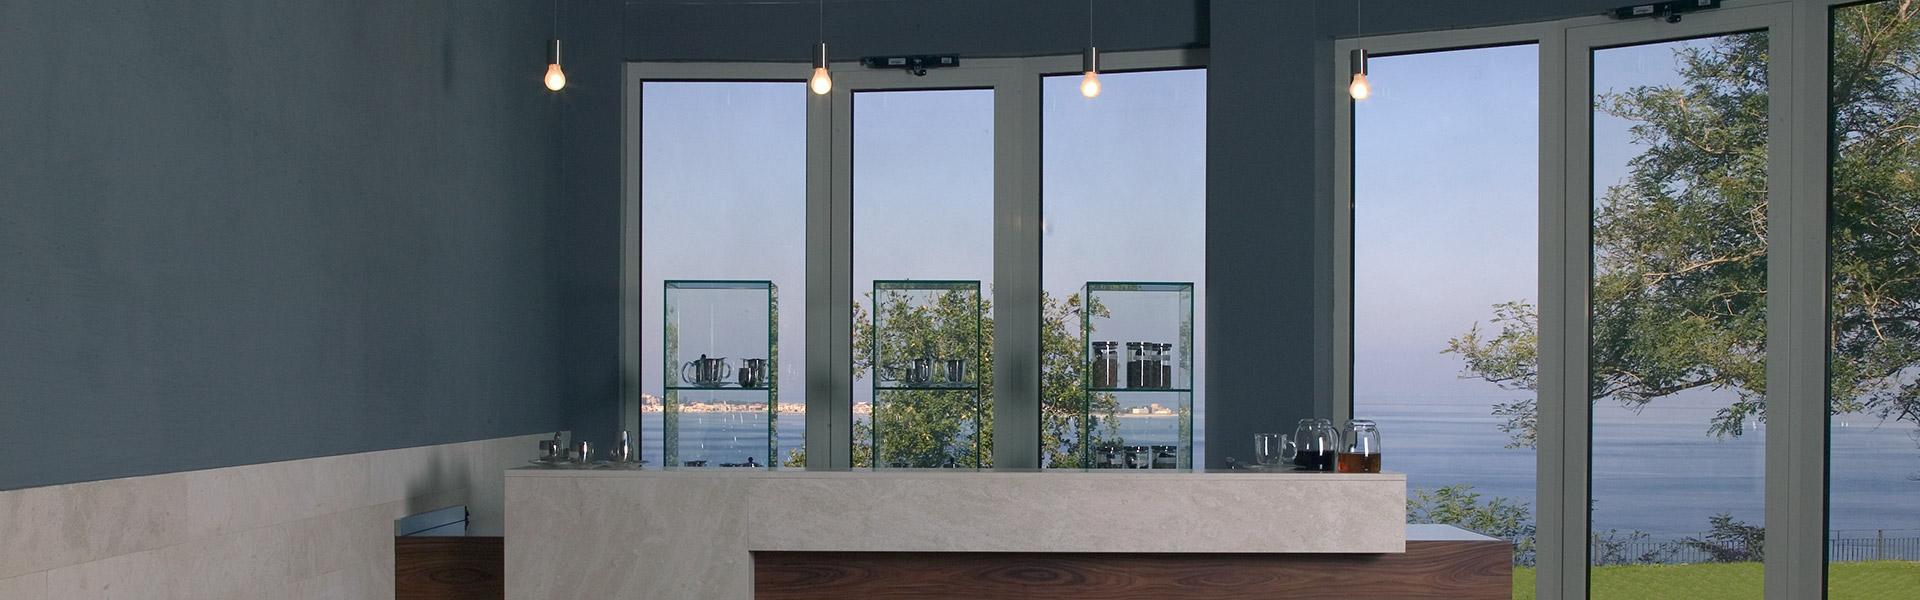 Awesome Soggiorno Spa Offerte Contemporary - Idee Arredamento Casa ...